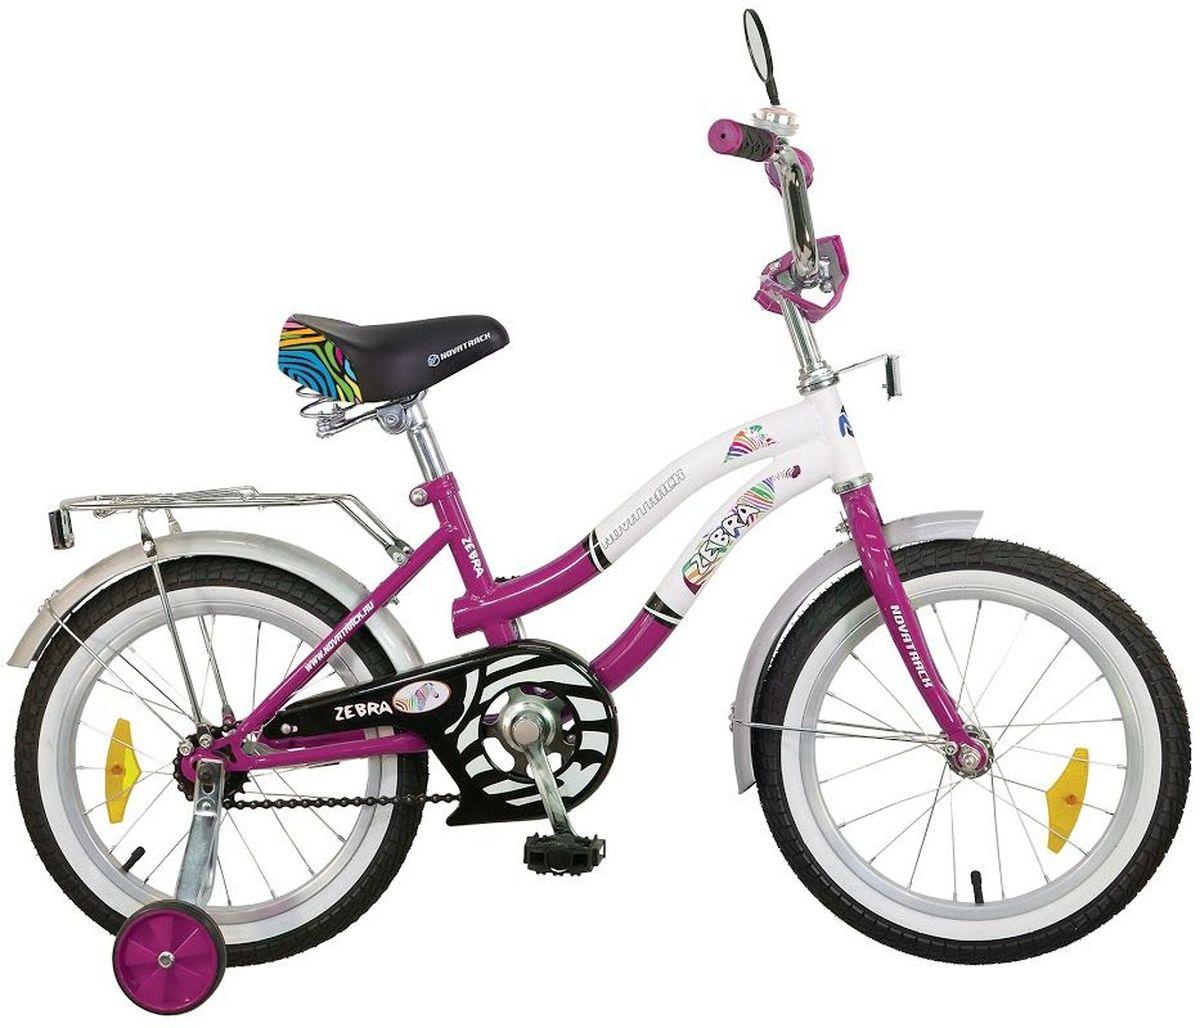 Велосипед детский Novatrack Зебра, цвет: сливовый, белый, 20205ZEBRA.CLR6Novatrack Зебра c 20-дюймовыми колесами - это надежный велосипед для ребят от 7 до 10 лет. Данная модель специально разработана для начинающих велосипедистов: дополнительные колеса, которые можно будет снять, когда ребенок научится держать равновесие, блестящий багажник для перевозки игрушек, надежный ножной тормоз, защита цепи от попадания одежды в механизм - все это сделает каждую поездку юного велосипедиста комфортной и безопасной. Маленькому велосипедисту, будь то мальчик или девочка, обязательно понравятся блестящий звонок и зеркальце заднего вида, которые установлены на руле велосипеда. Высота сидения и руля регулируются, поэтому велосипед прослужит ребенку не один год.Какой велосипед выбрать? Статья OZON Гид